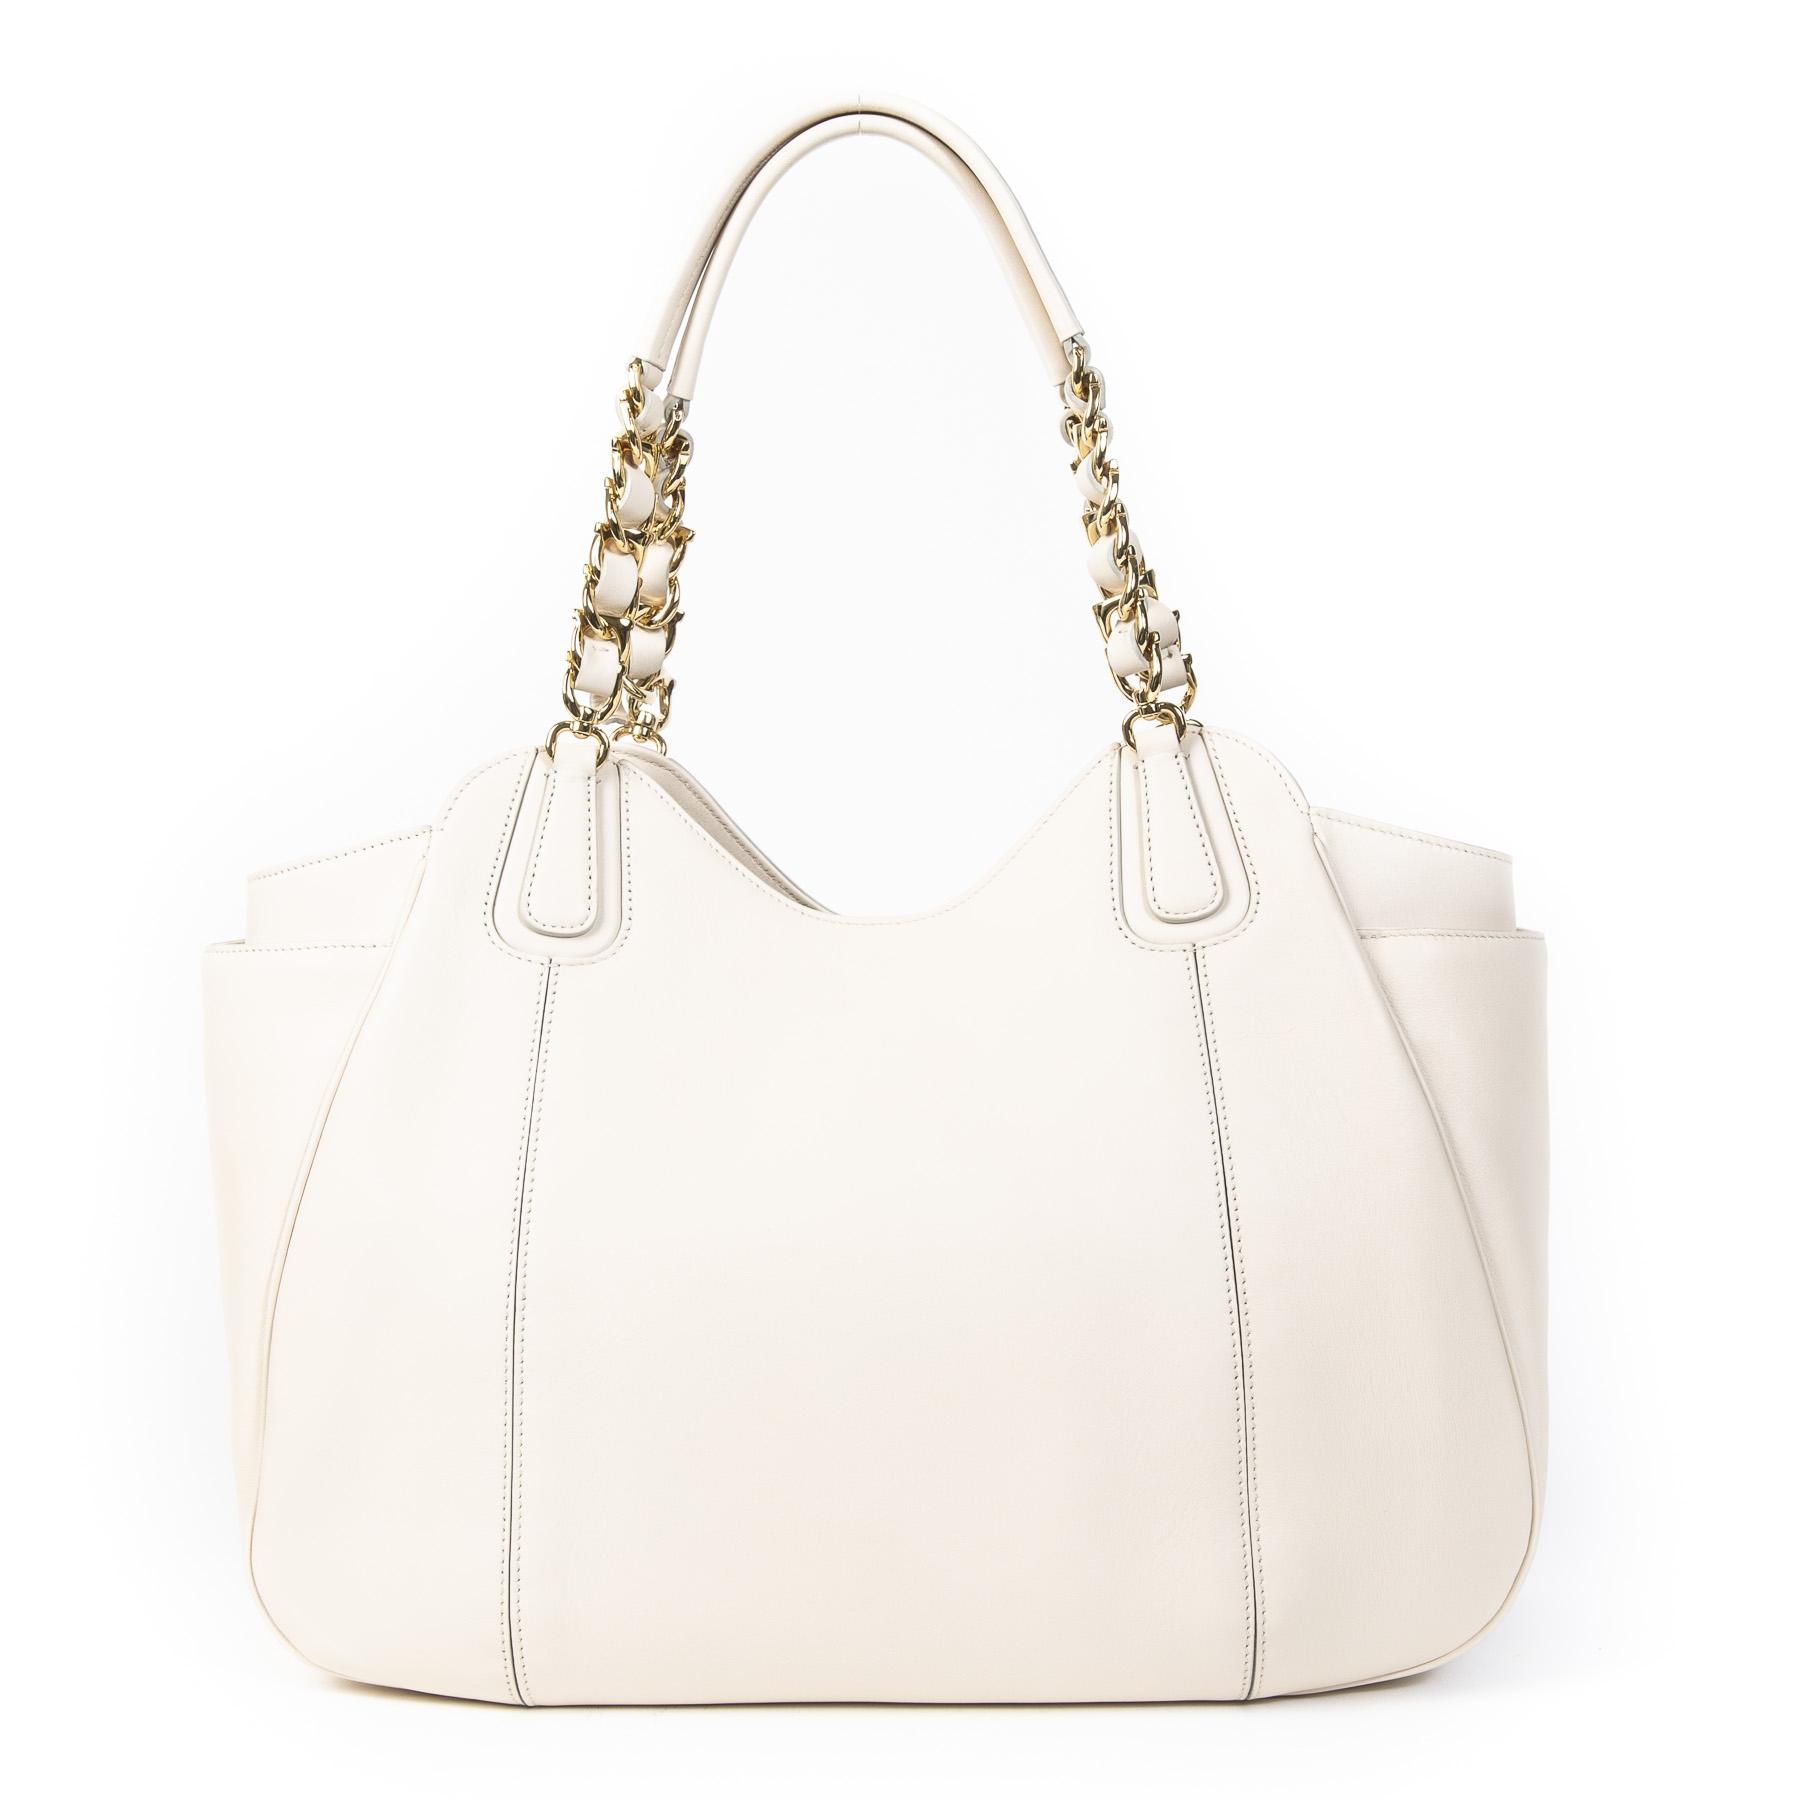 Authentieke Tweedehands Salvatore Ferragamo White Chain Tote Bag juiste prijs veilig online shoppen luxe merken webshop winkelen Antwerpen België mode fashion